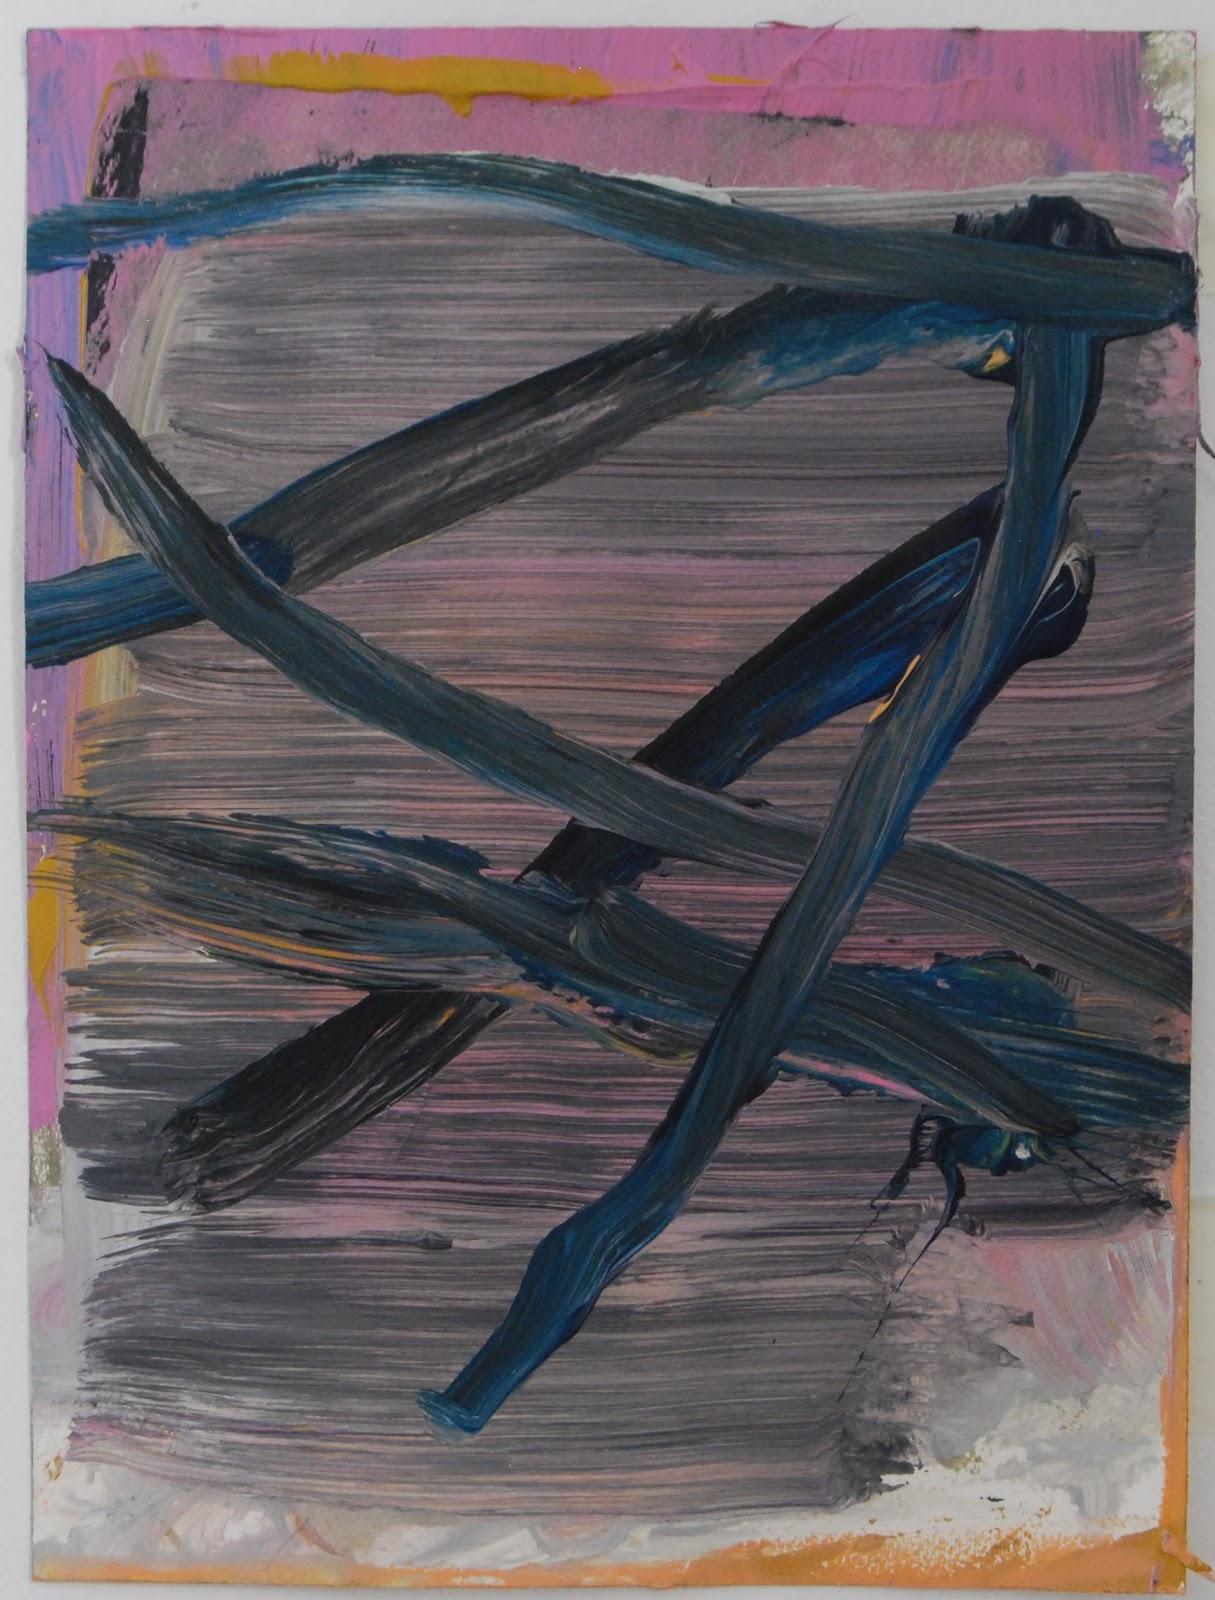 valerie brennan @ minimal exposition